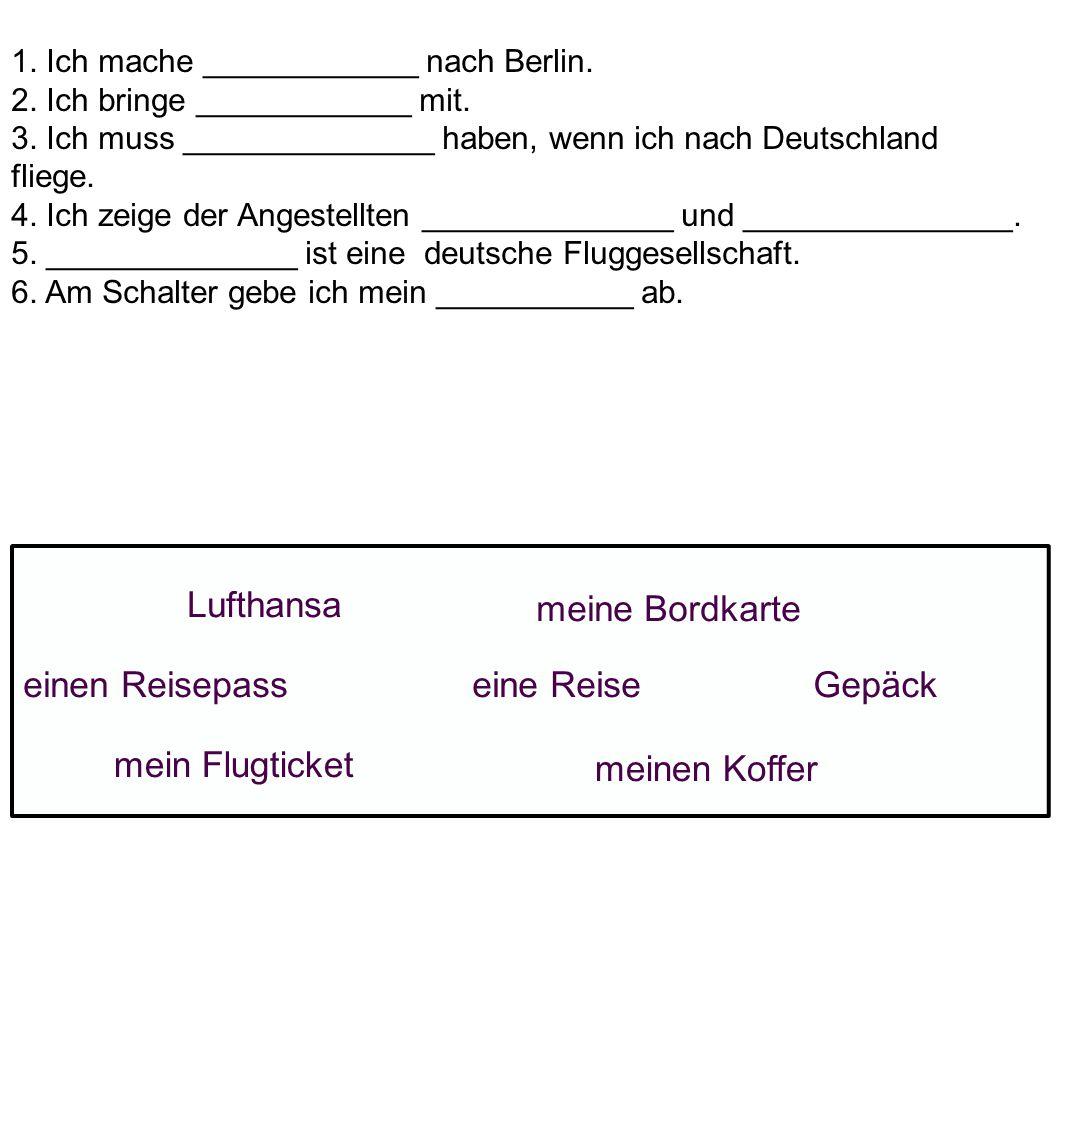 1.Ich mache ____________ nach Berlin. 2. Ich bringe ____________ mit.